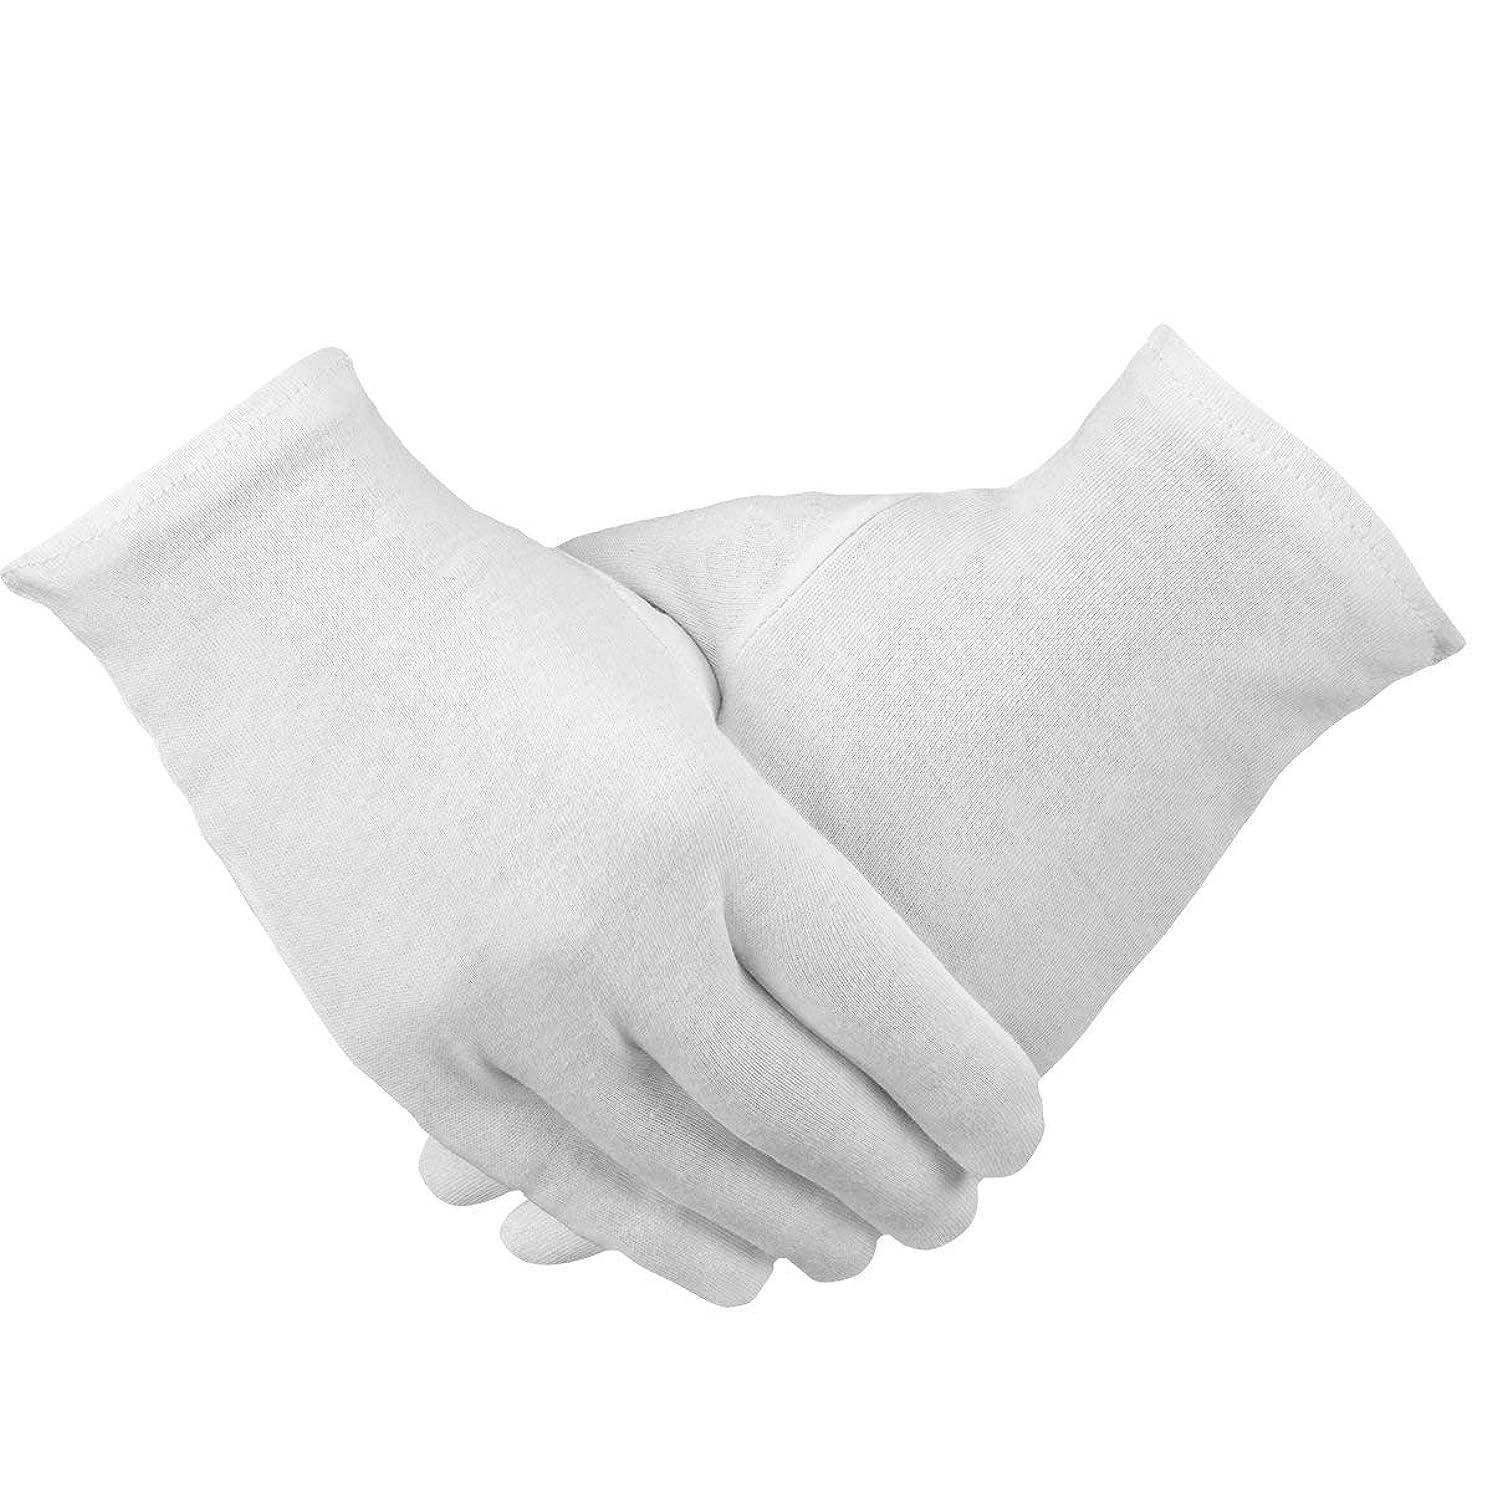 負担ボンド超えてPAMASE 12ペア 手荒れ対策 コットン手袋 綿手袋 純綿 ハンドケア 白手袋 お休み 乾燥肌用 保湿用 家事用 礼装用 メンズ レディース 手袋